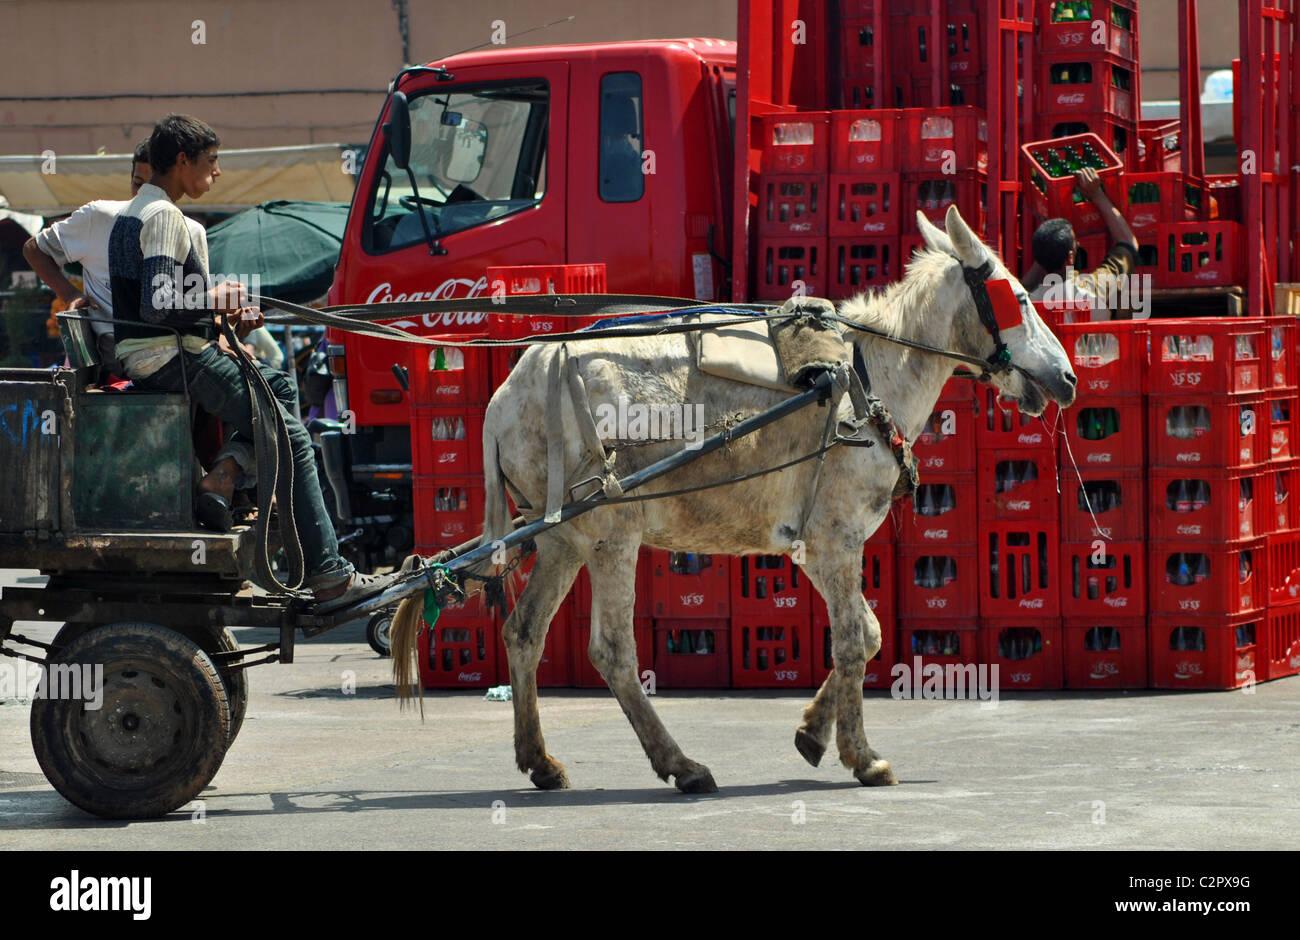 Eselskarren und Coca Cola Truck, Marrakesch, Marokko Stockbild